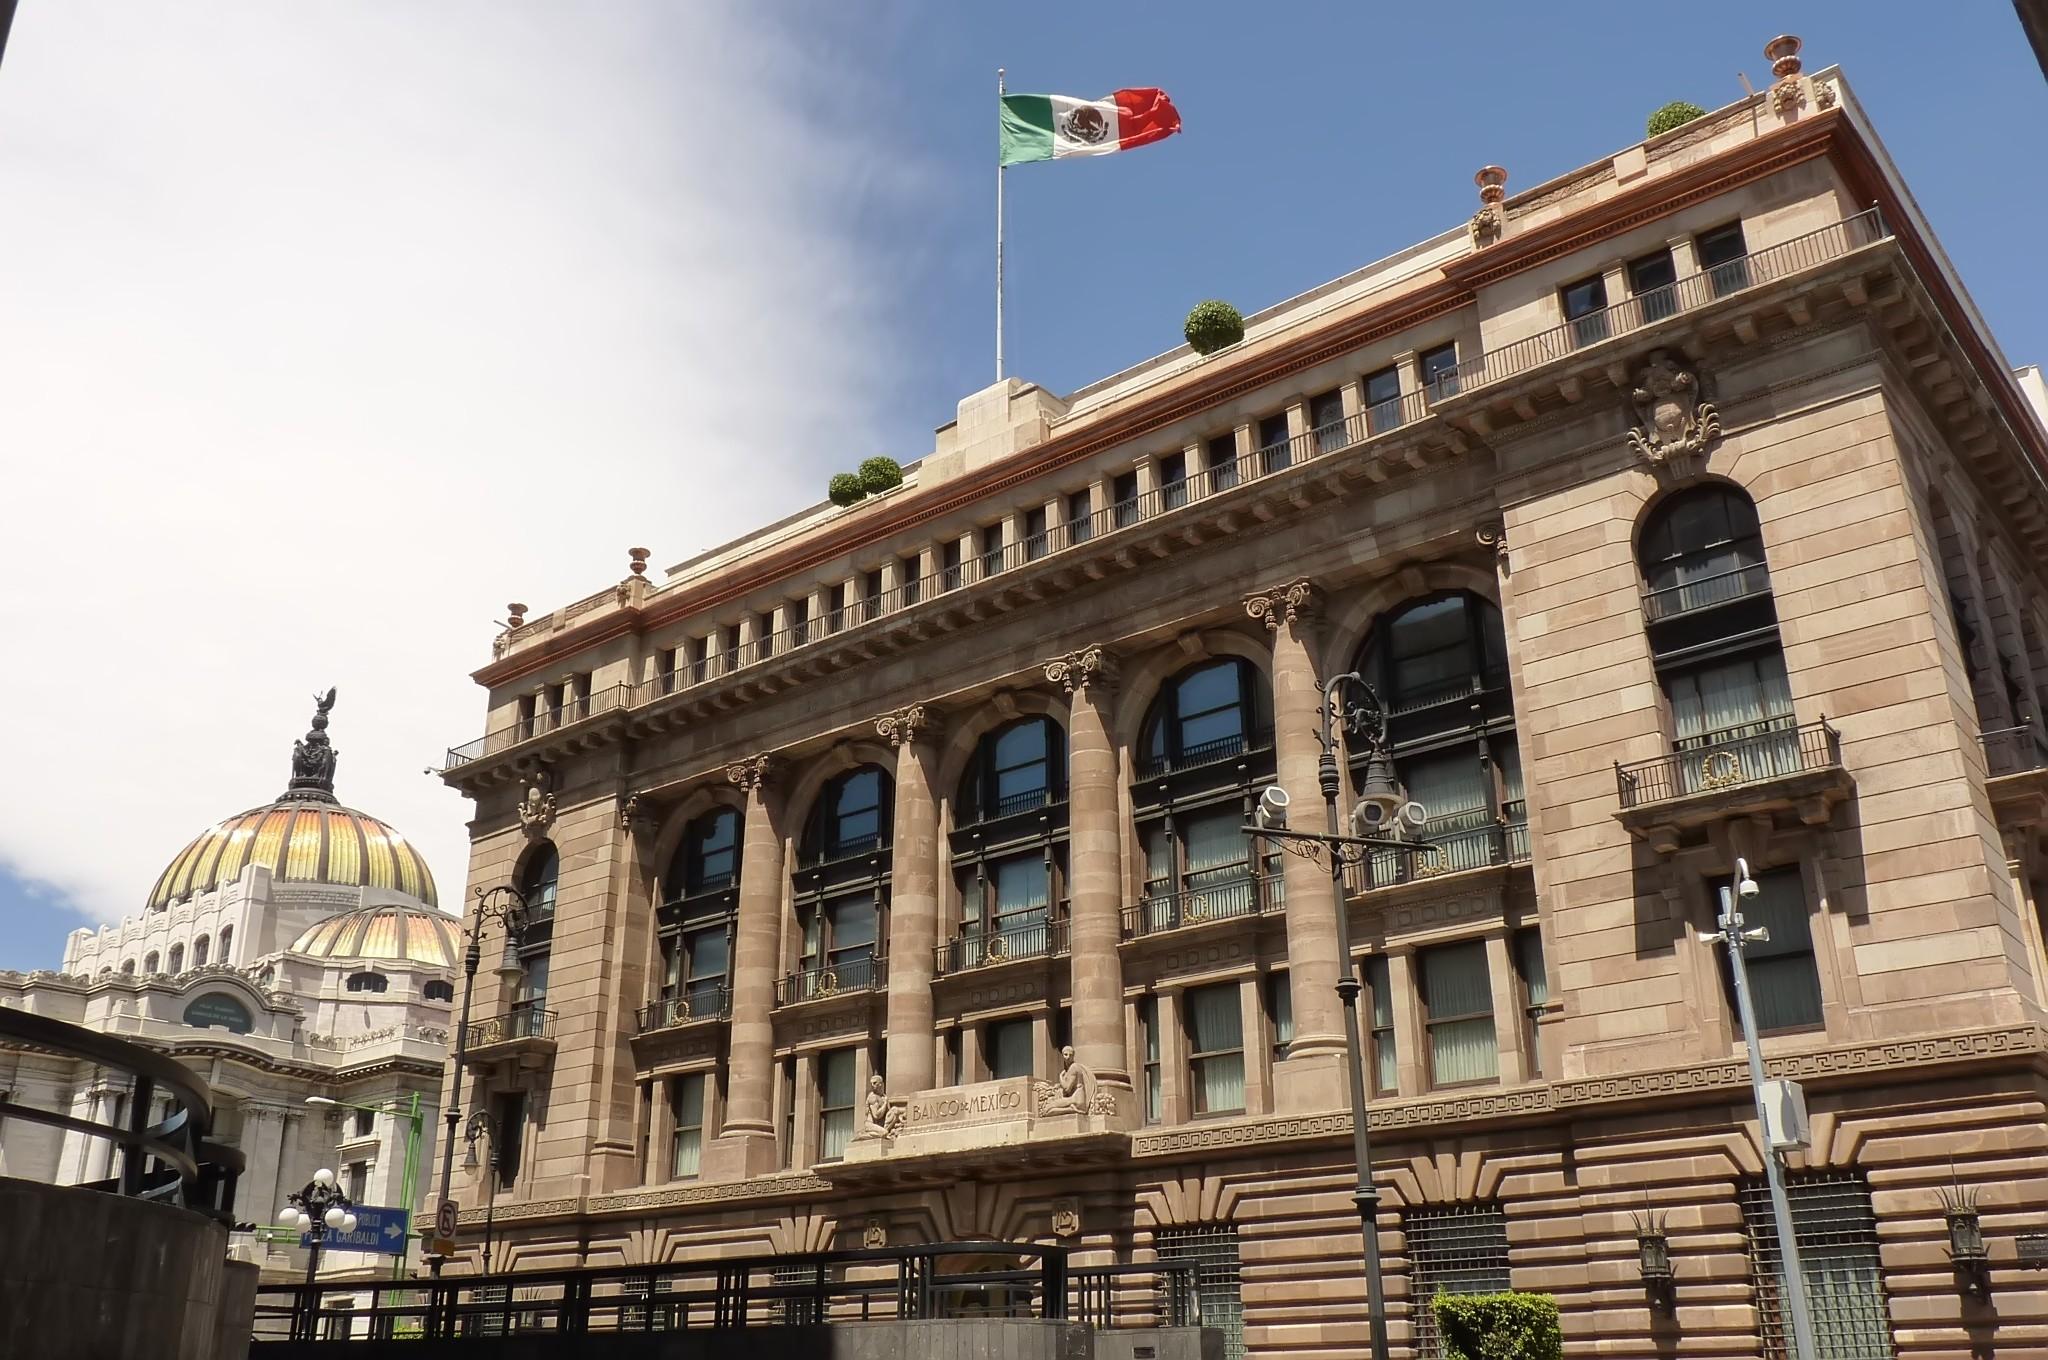 Este 2 de noviembre no abren los bancos en México. Foto: Banco de México/Wikimedia